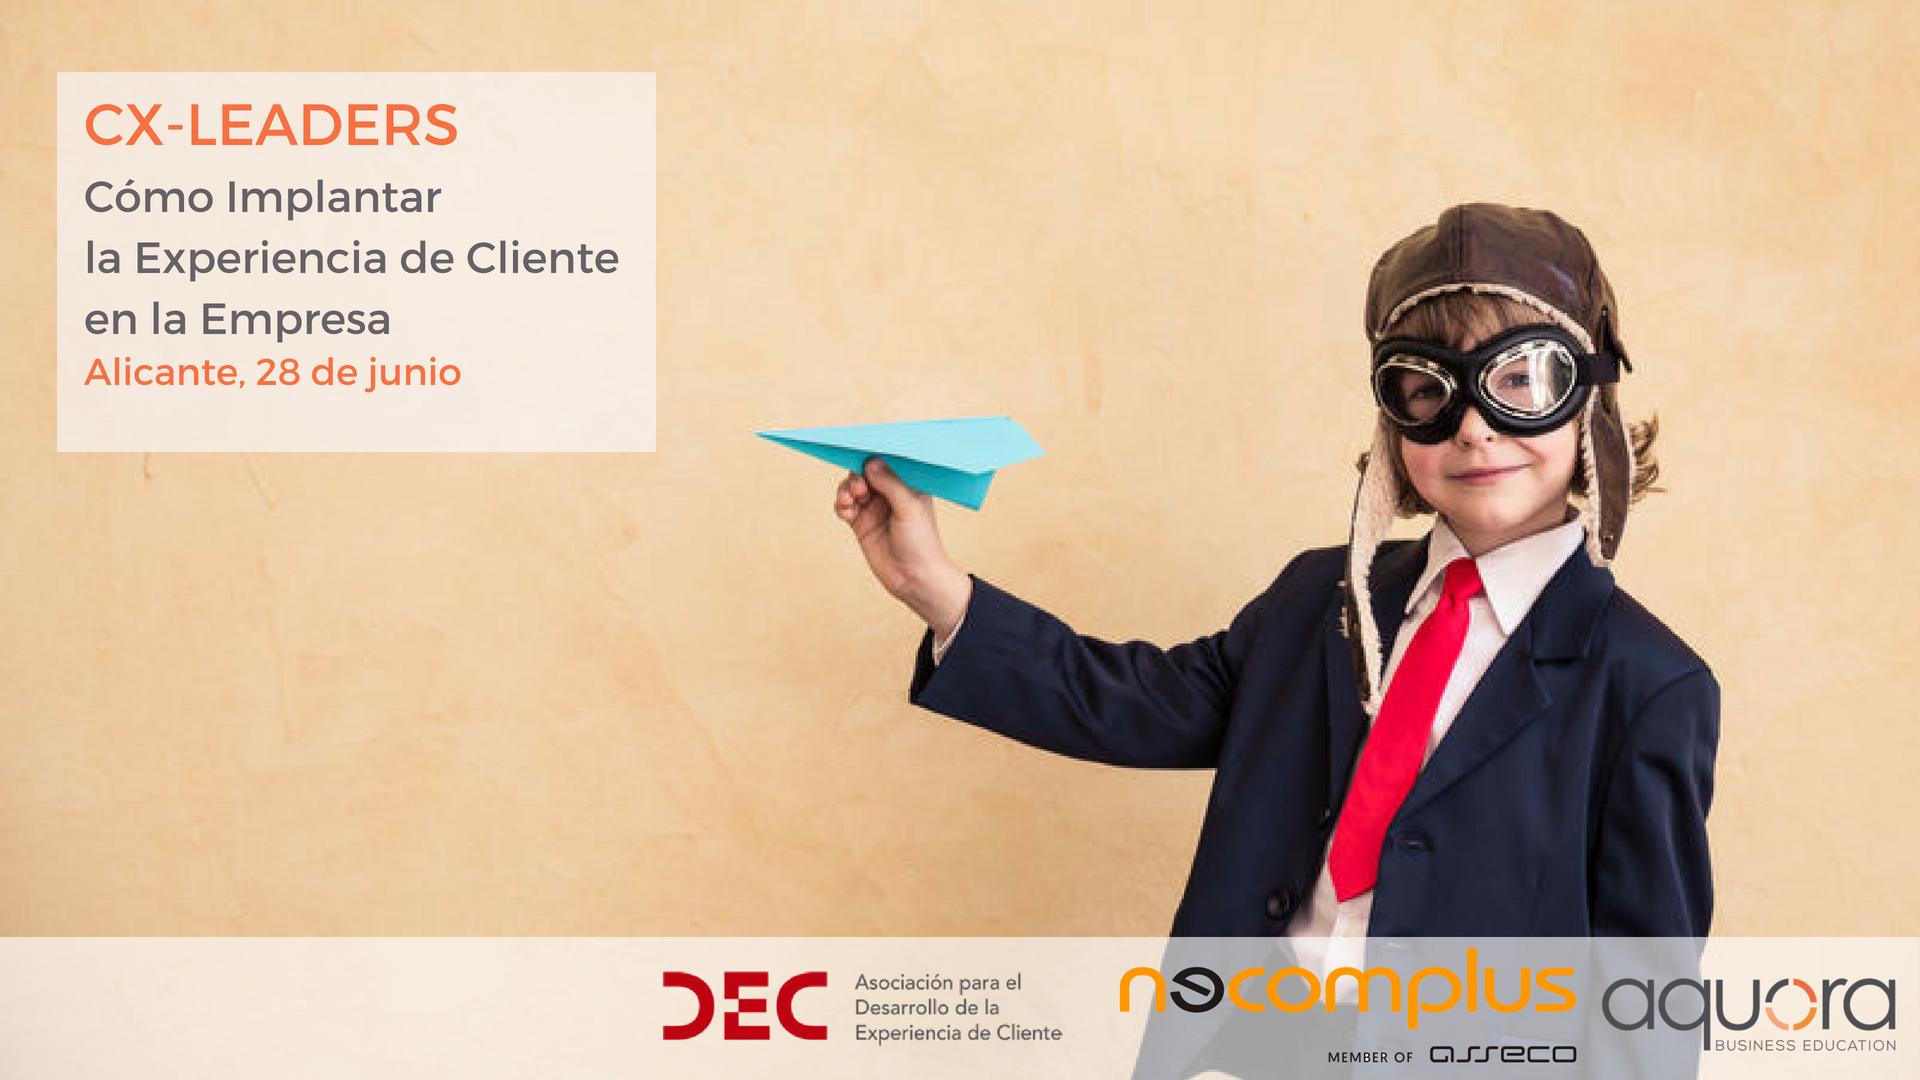 cx leaders Alicante experiencia cliente